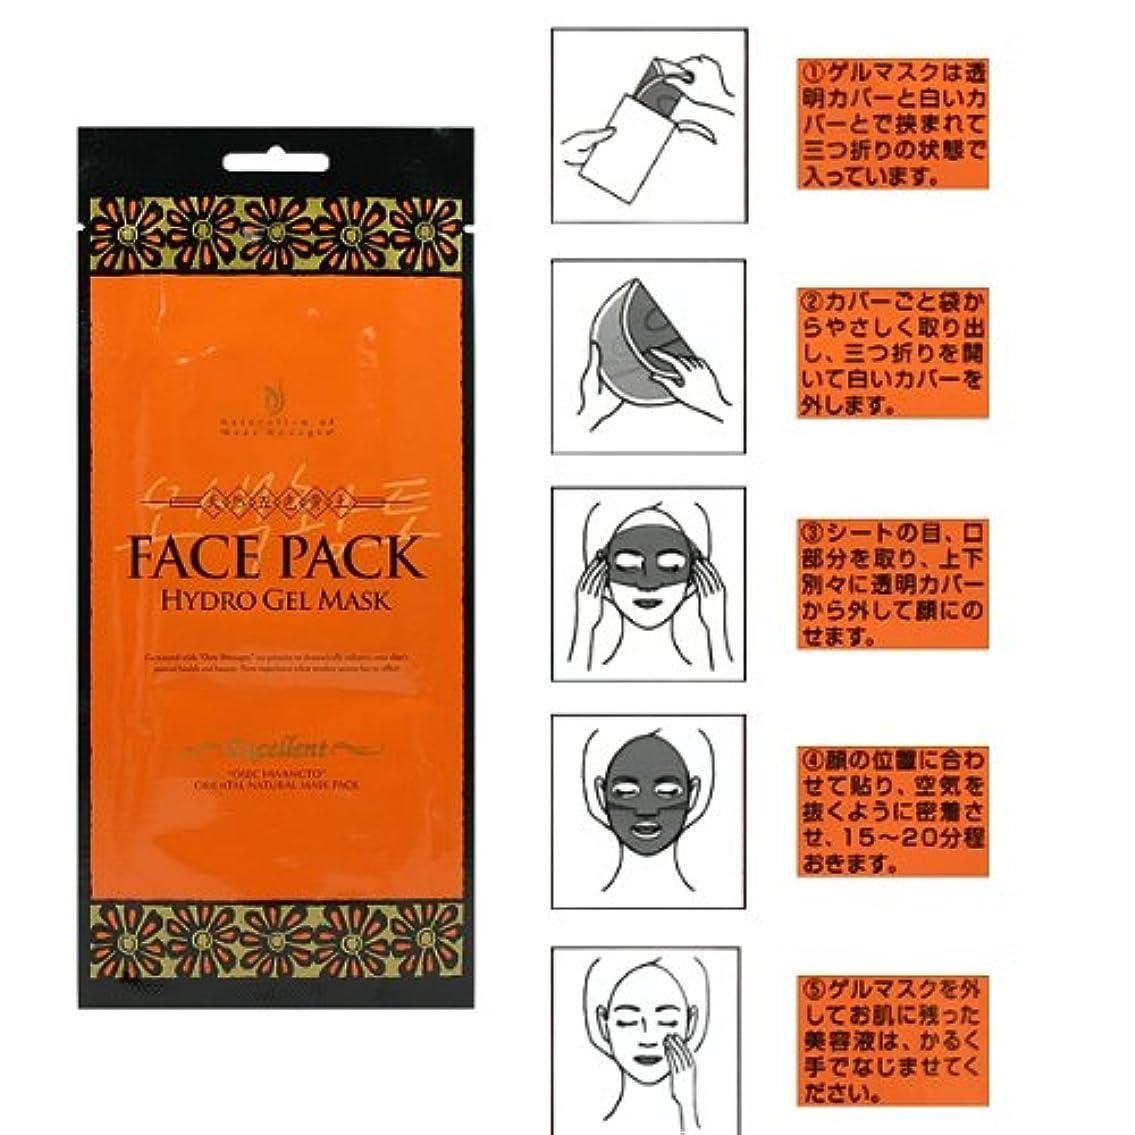 劣るクライストチャーチアフリカプエラス 五色黄土ハイドロゲルマスク (フェイスパック)30gx1枚